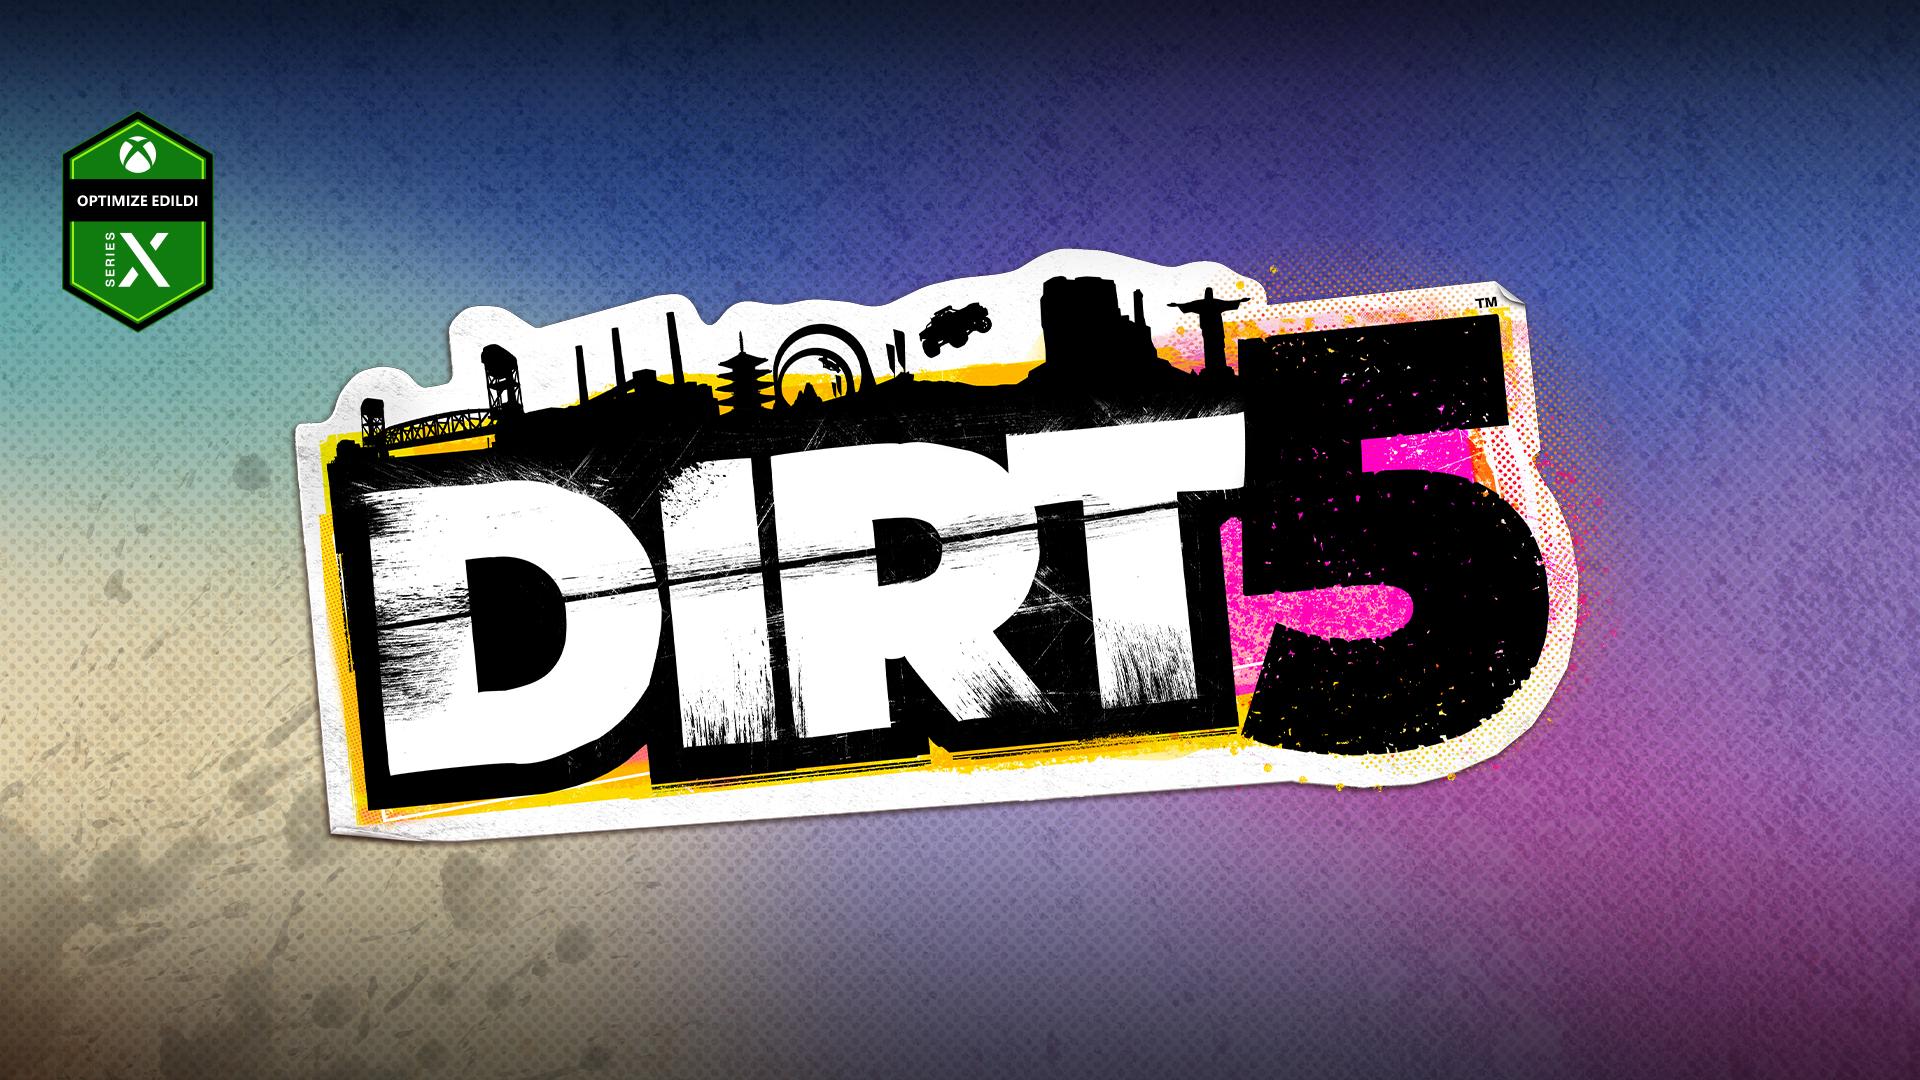 Series X için optimize edildi logosu, renkli bir arka planda DIRT 5 logosu